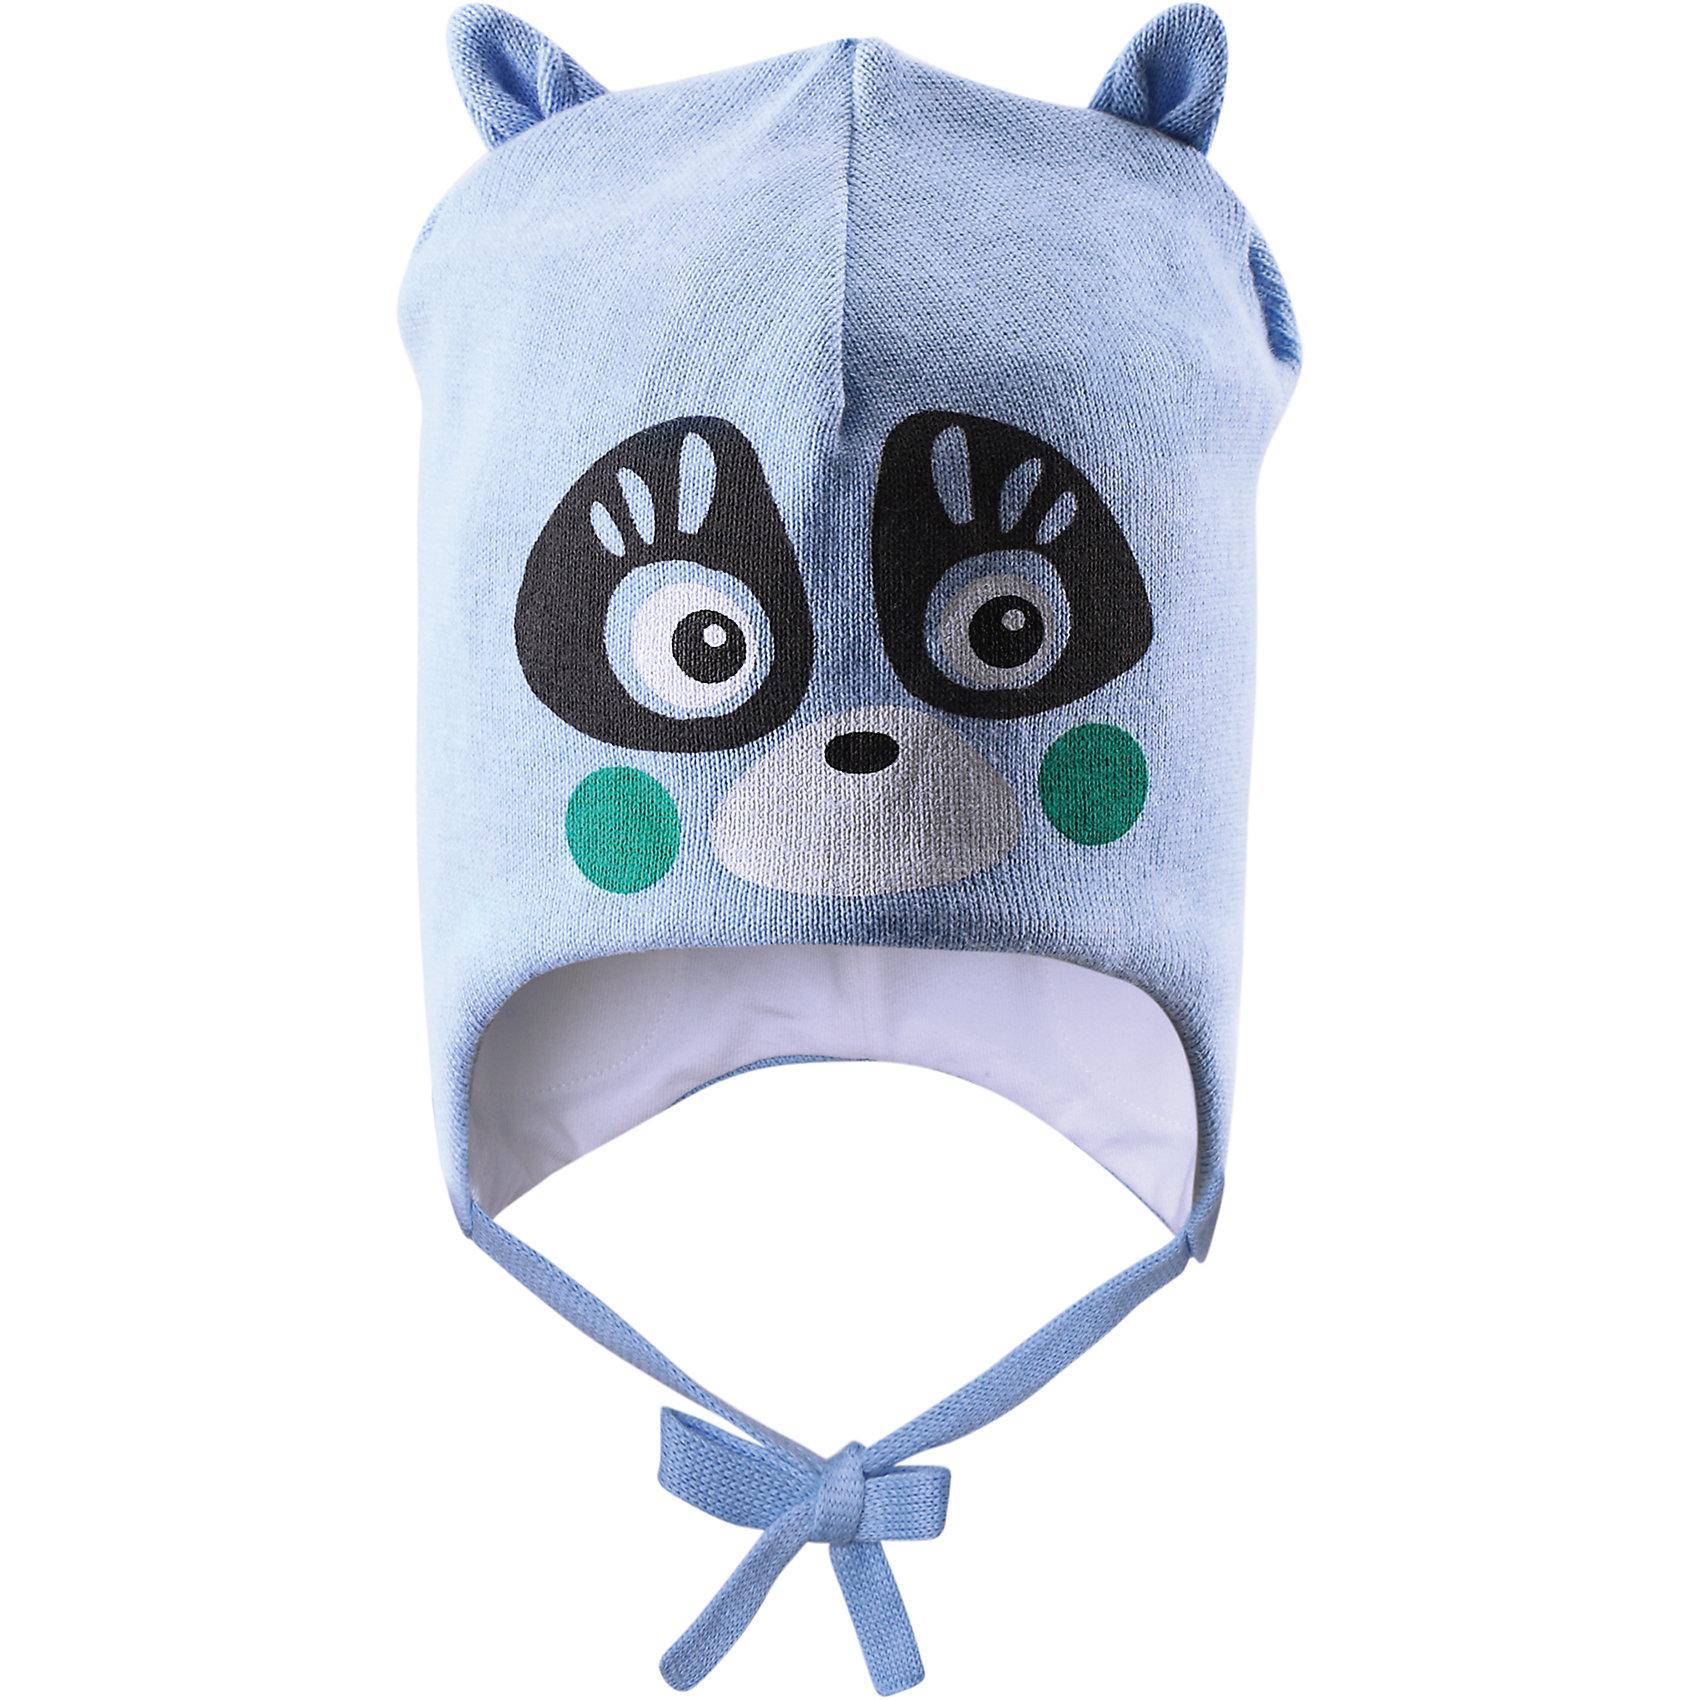 Шапка  LASSIE by ReimaШапка от известной компании LASSIE by Reima<br><br>Модная теплая шапка - отличная вещь для прогулок и активного отдыха. Она стильно смотрится и хорошо сидит.<br><br>Яркая расцветка оживляет дизайн изделия - такую вещь дети будут носить с удовольствием!<br><br>Особенности модели:<br><br>- цвет: голубой;<br>- приятный материал;<br>- натуральный хлопок;<br>- стильный дизайн;<br>- завязки;<br>- ветронепроницаемые вставки для защиты ушей;<br>- декорирована принтом и ушками;<br>- глубокая посадка.<br><br>Дополнительная информация:<br><br>Температурный режим: от -15° до +10° С<br><br>Состав: 100% хлопок<br><br>Шапку от известной компании LASSIE by Reima (Лэсси Рейма) можно купить в нашем магазине.<br><br>Ширина мм: 89<br>Глубина мм: 117<br>Высота мм: 44<br>Вес г: 155<br>Цвет: голубой<br>Возраст от месяцев: 6<br>Возраст до месяцев: 12<br>Пол: Унисекс<br>Возраст: Детский<br>Размер: 44-46,46-48,50-52,42-44<br>SKU: 4554922